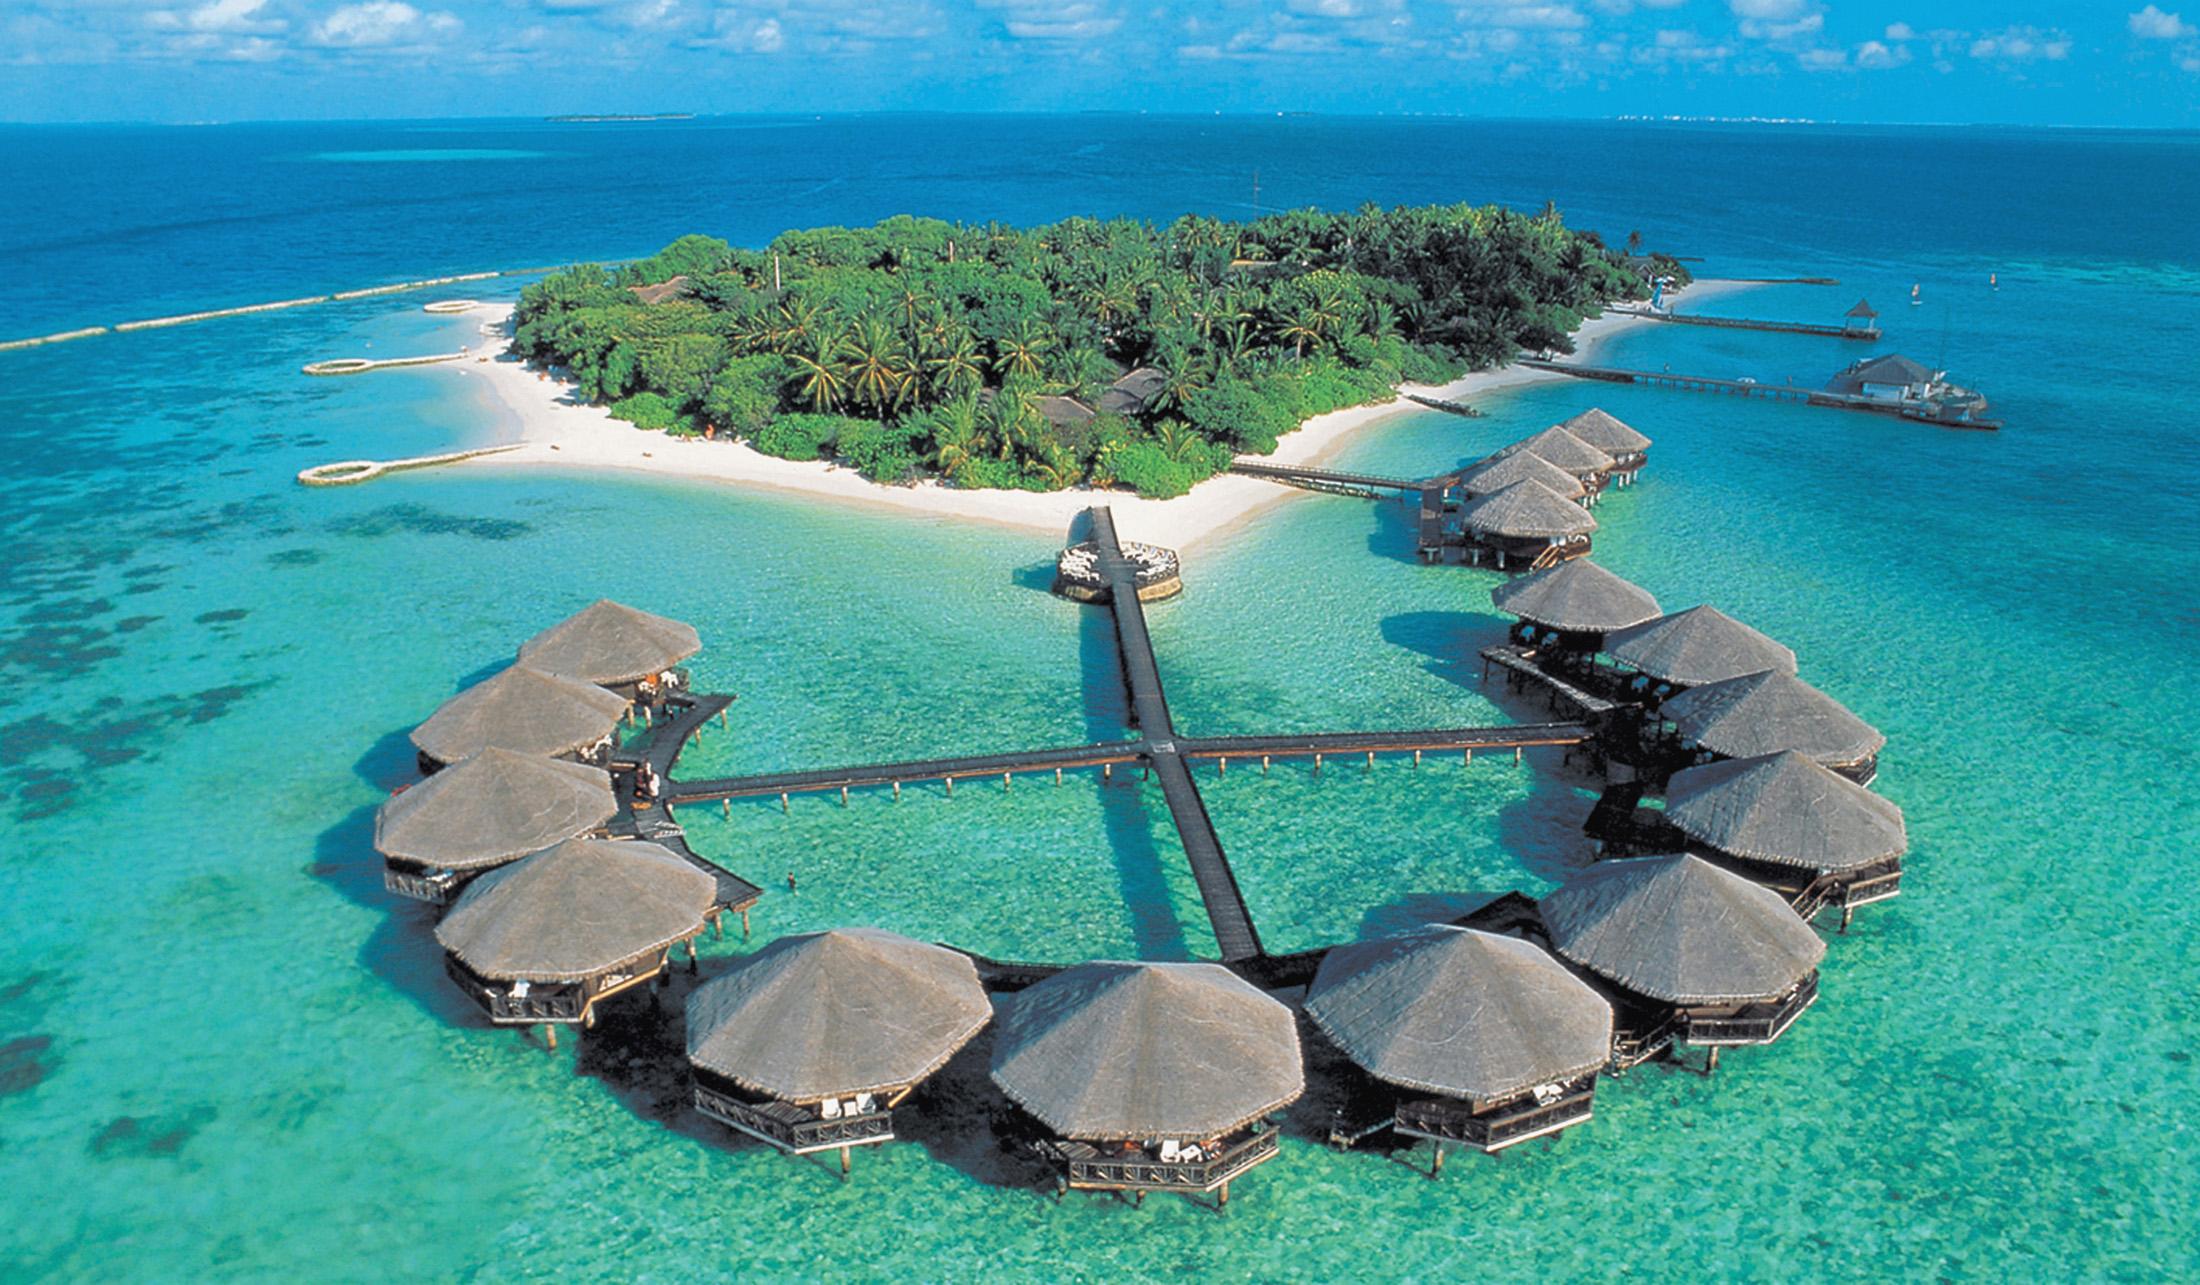 太平洋的珍珠 马尔代夫(美图)